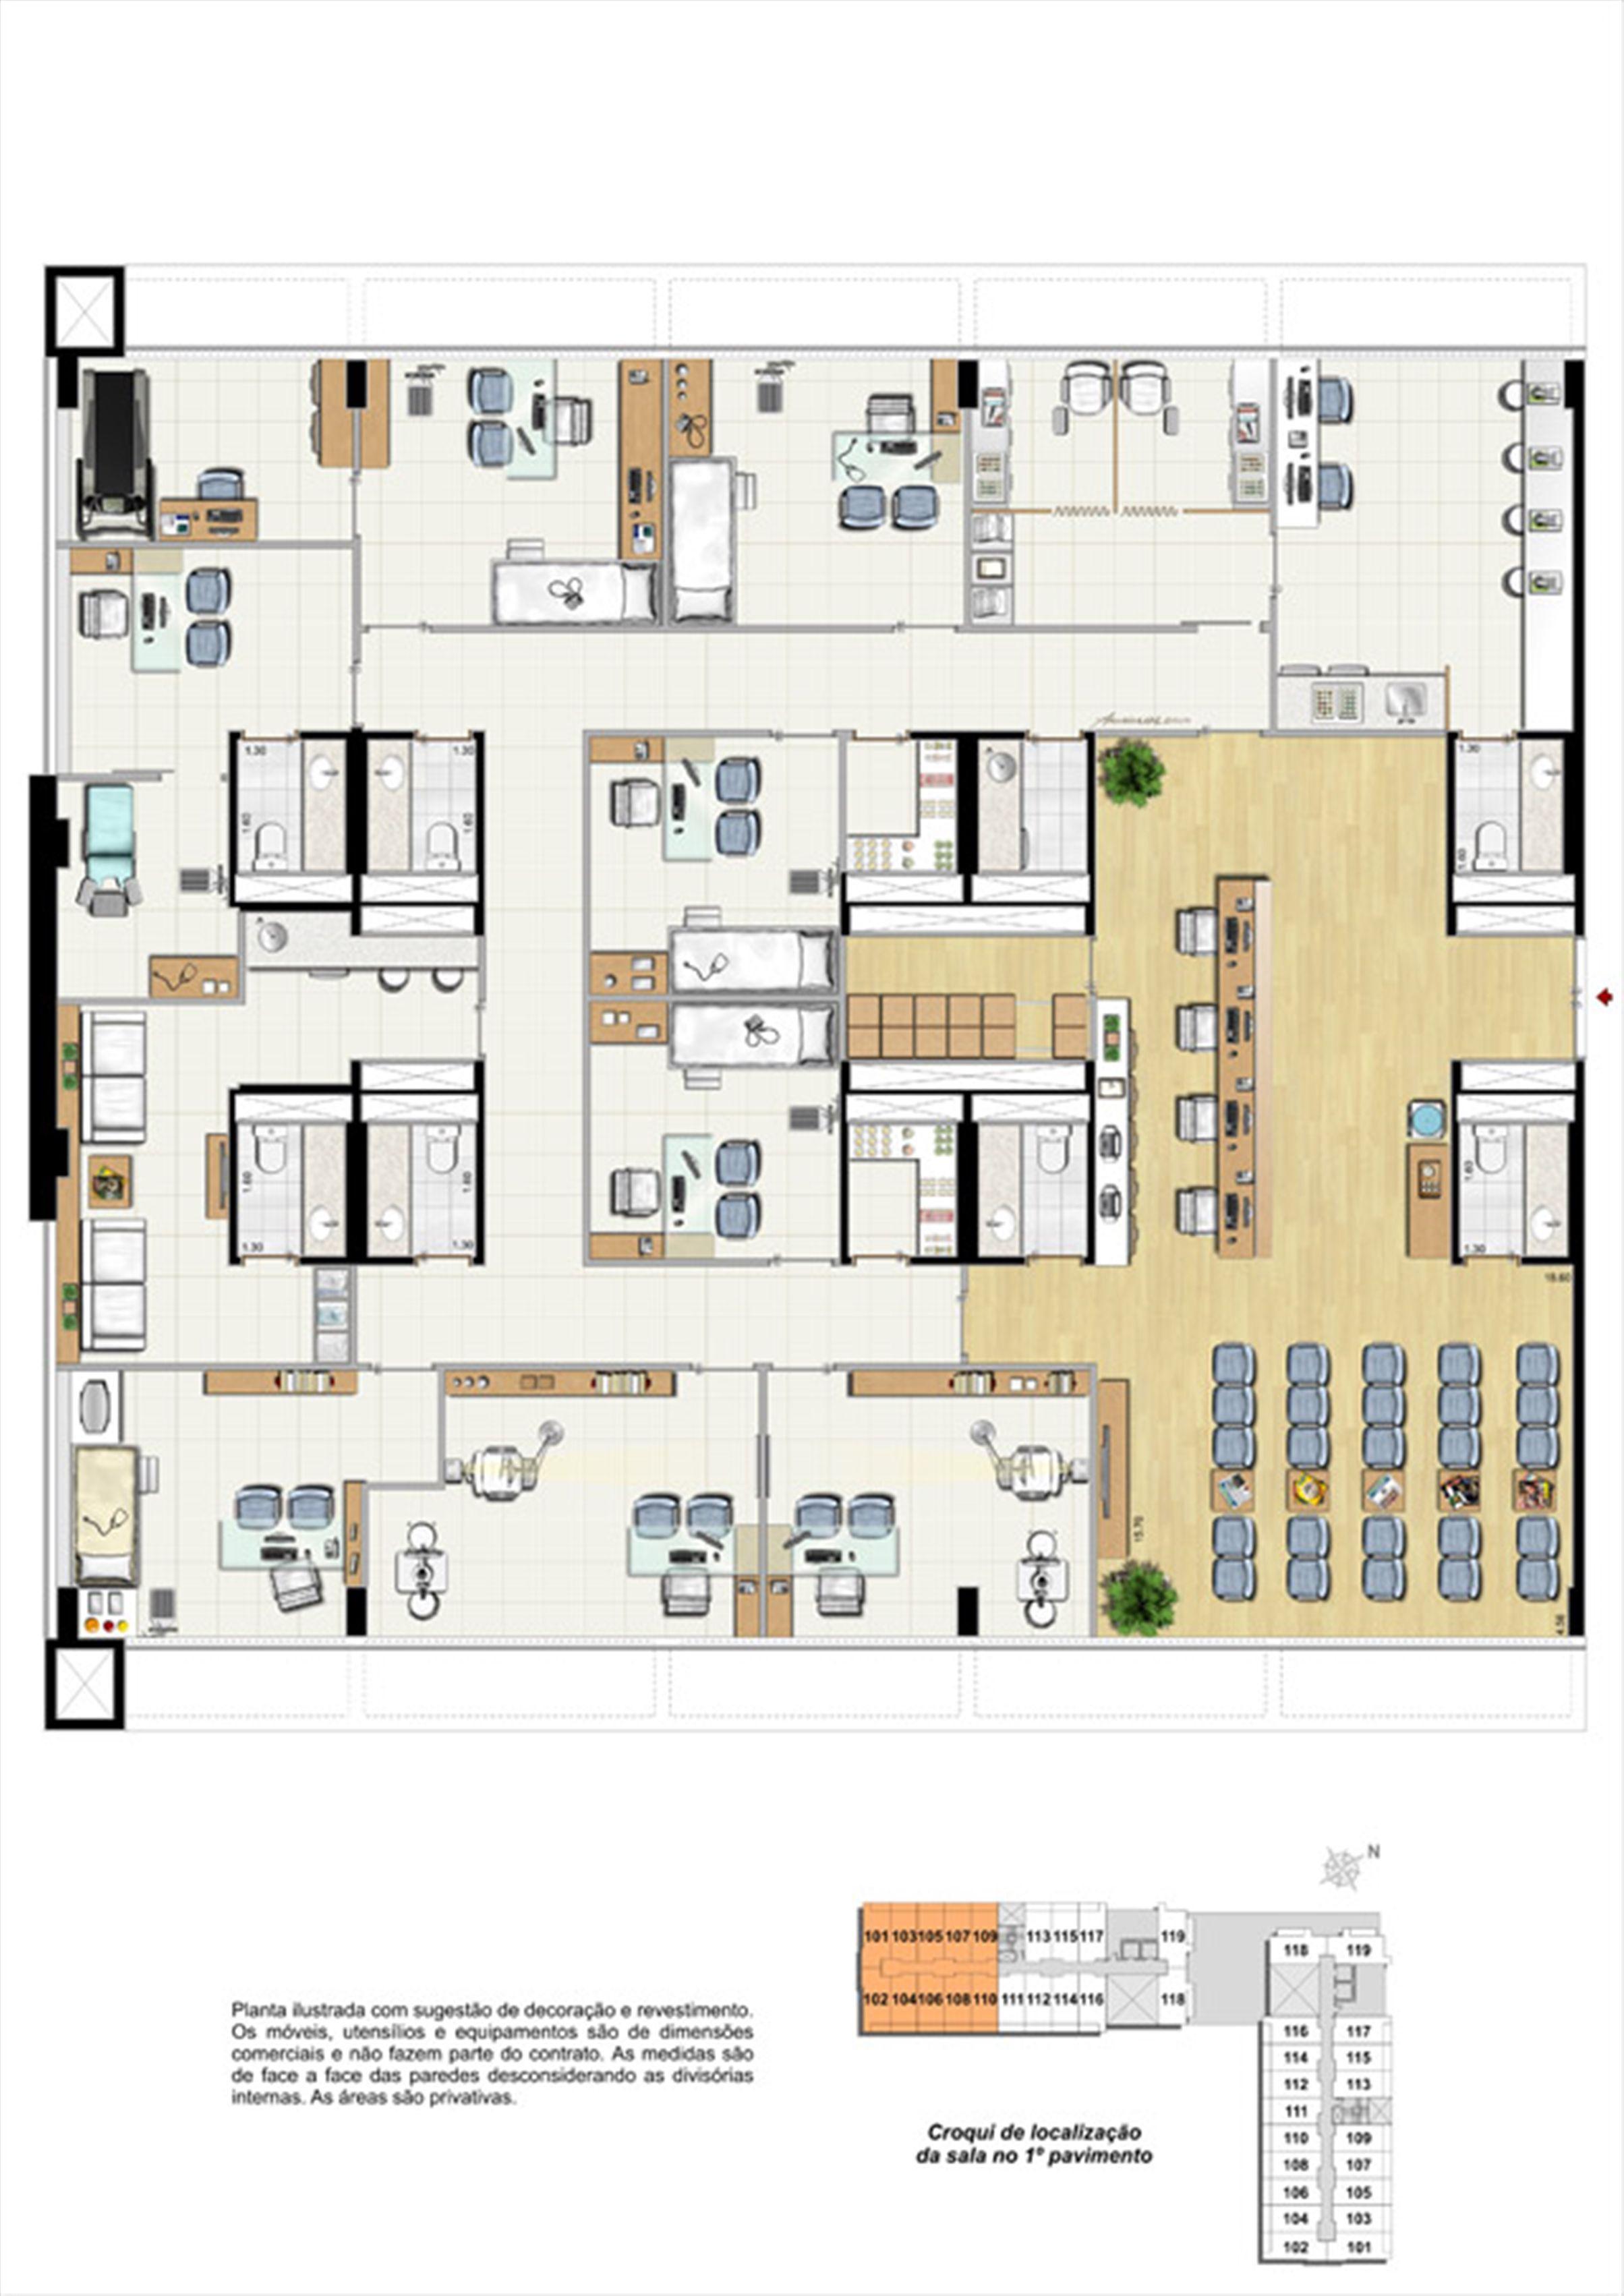 Planta da Sala 10 - Centro Médico | Biosphere – Salas Comerciaisna  Asa Norte  - Brasília - Distrito Federal